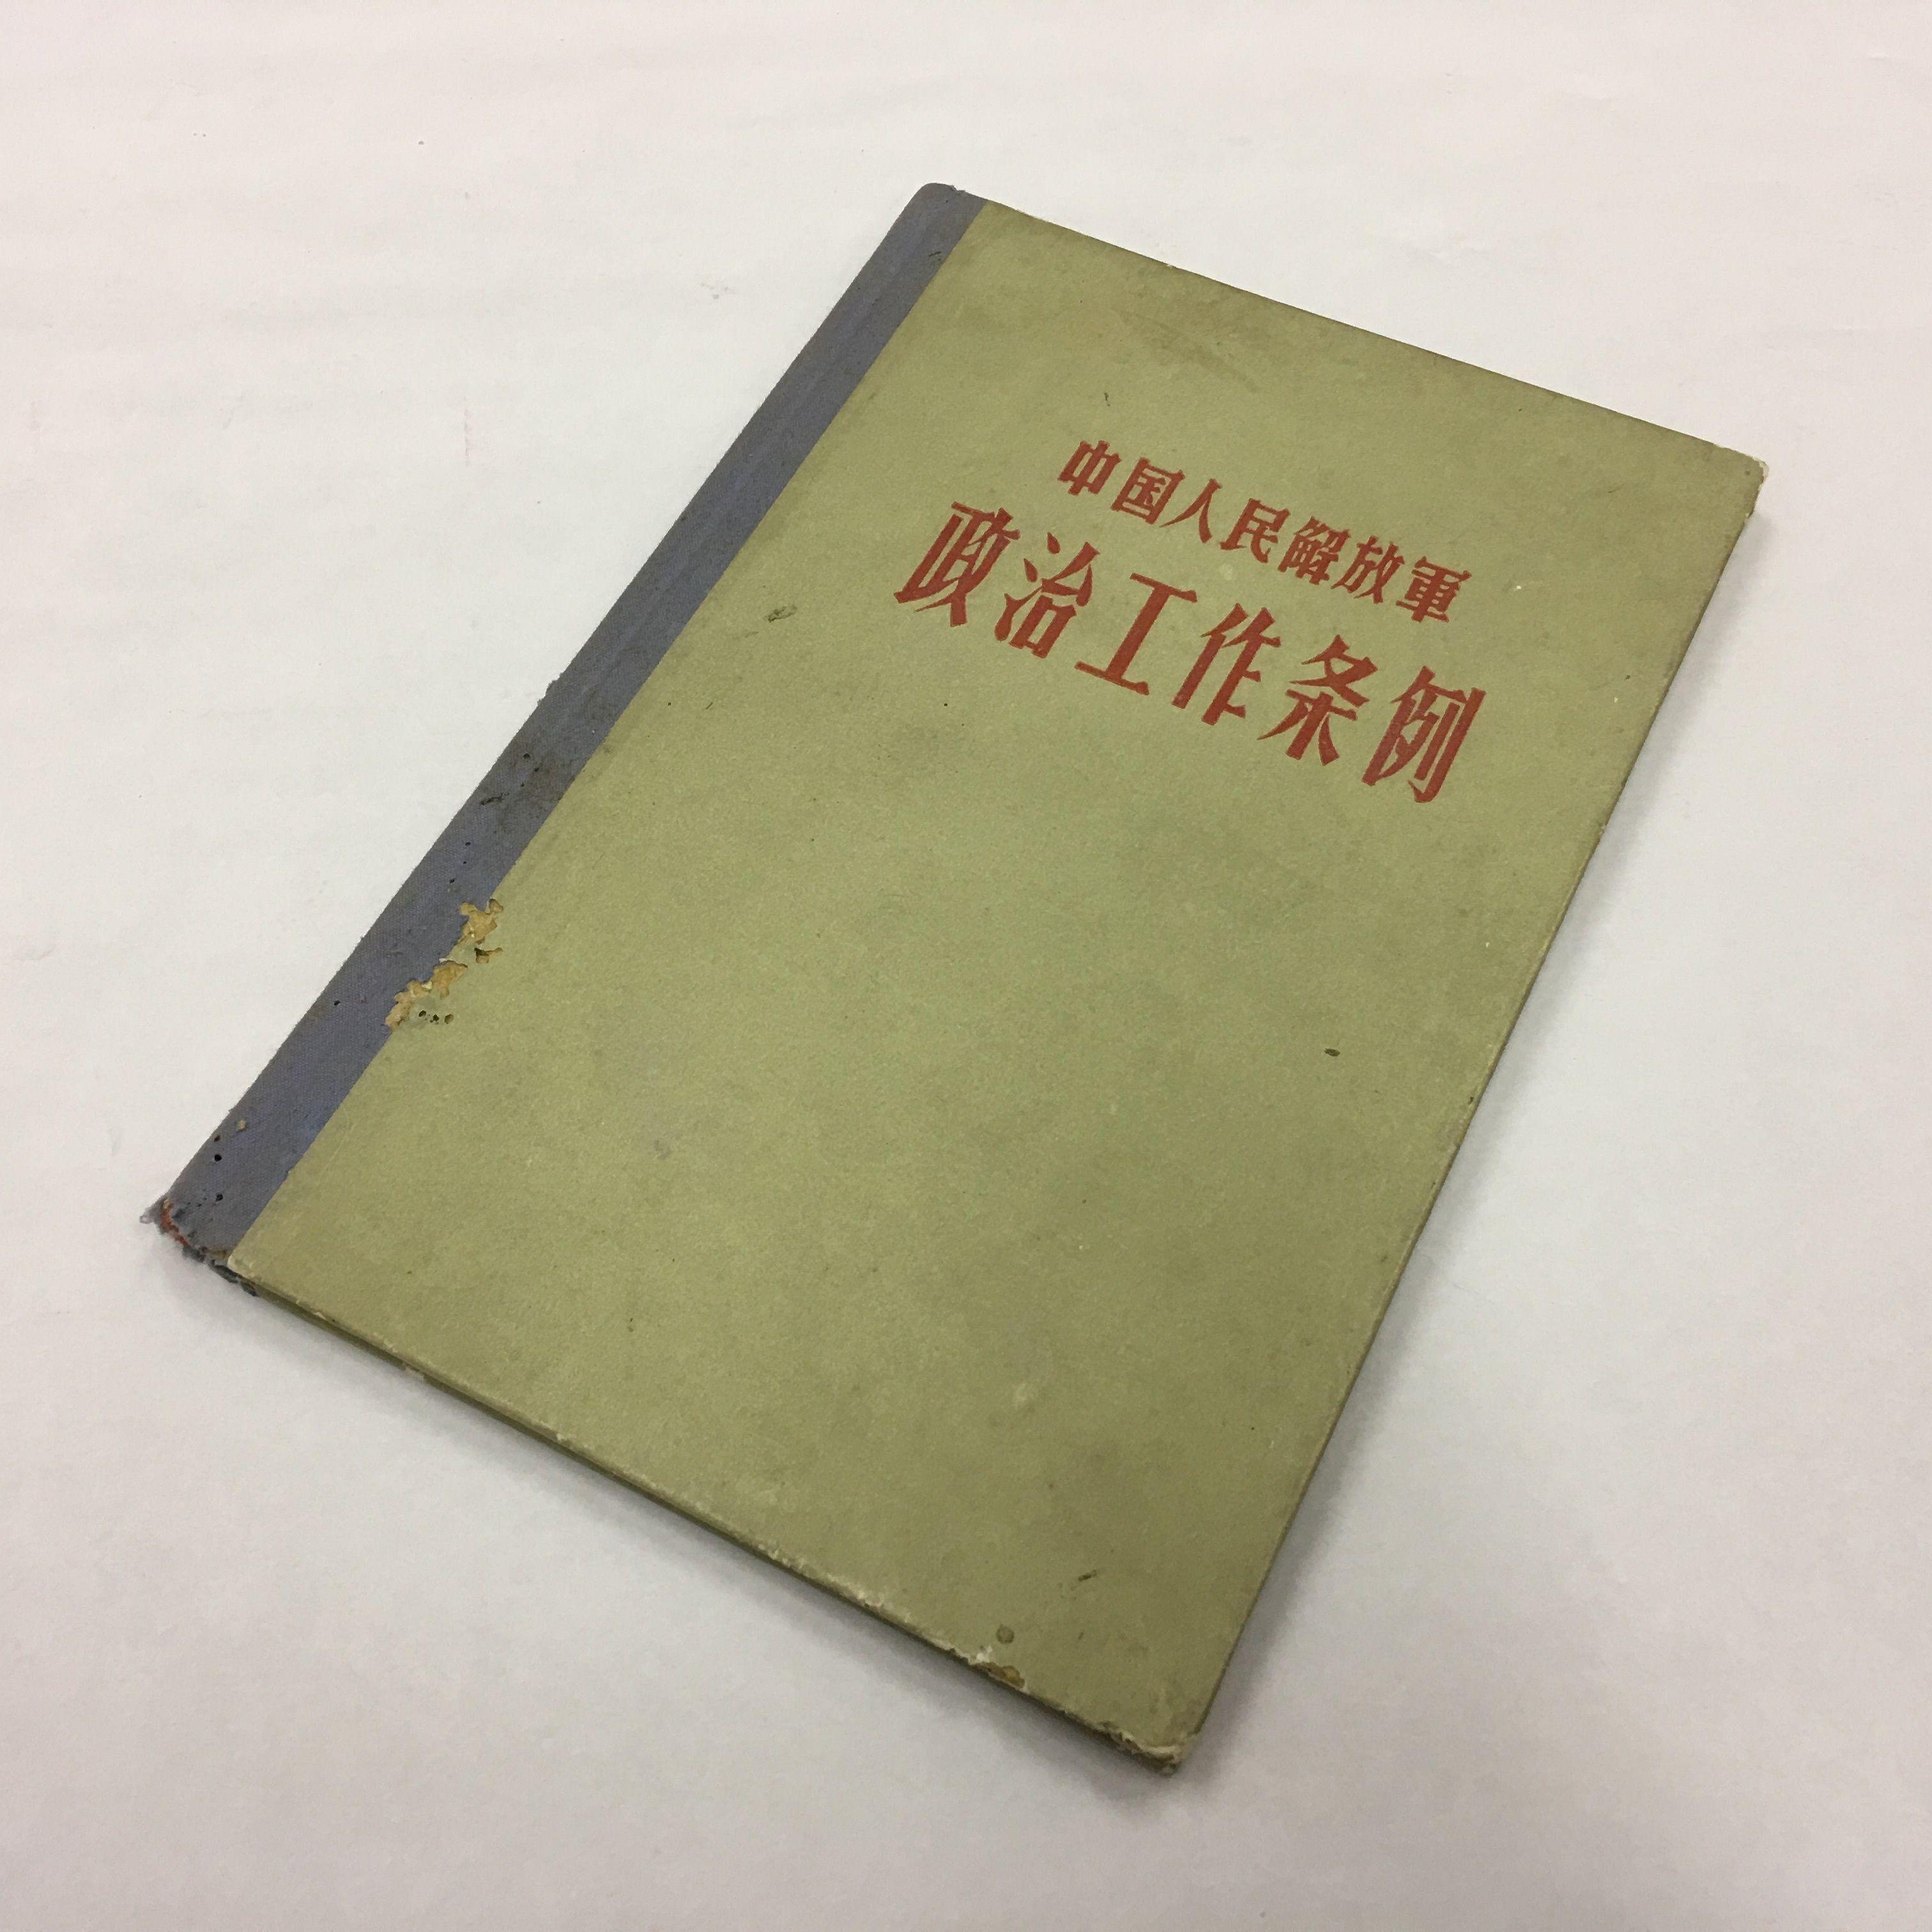 「中国人民解放軍 政治工作条例」ハードカバー